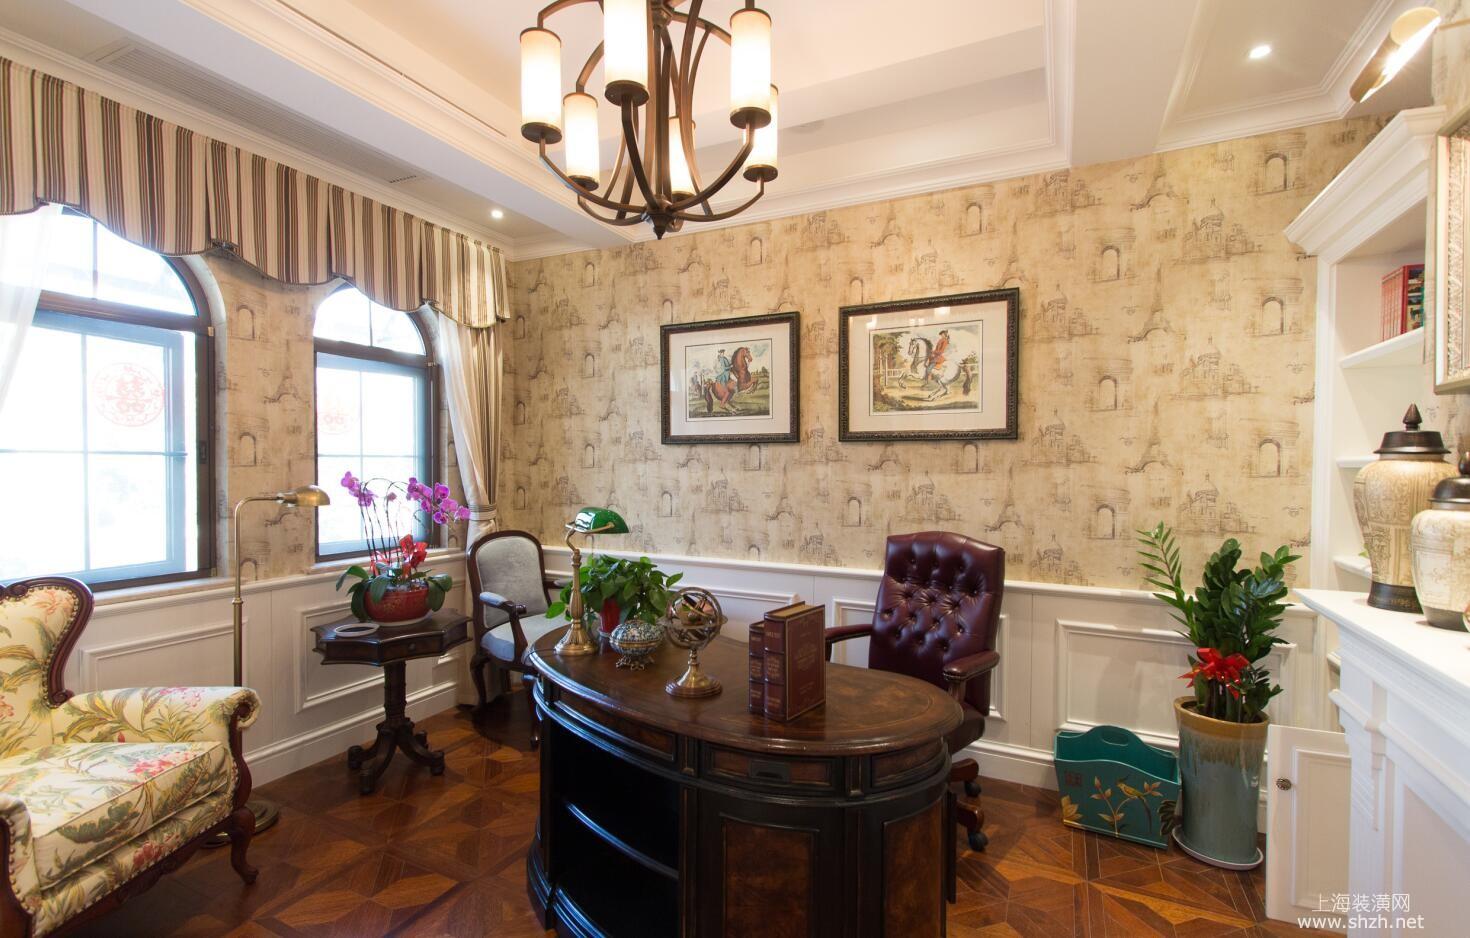 凯迪赫菲庄园别墅装修欧美风格完工实景展示,上海腾龙别墅设计